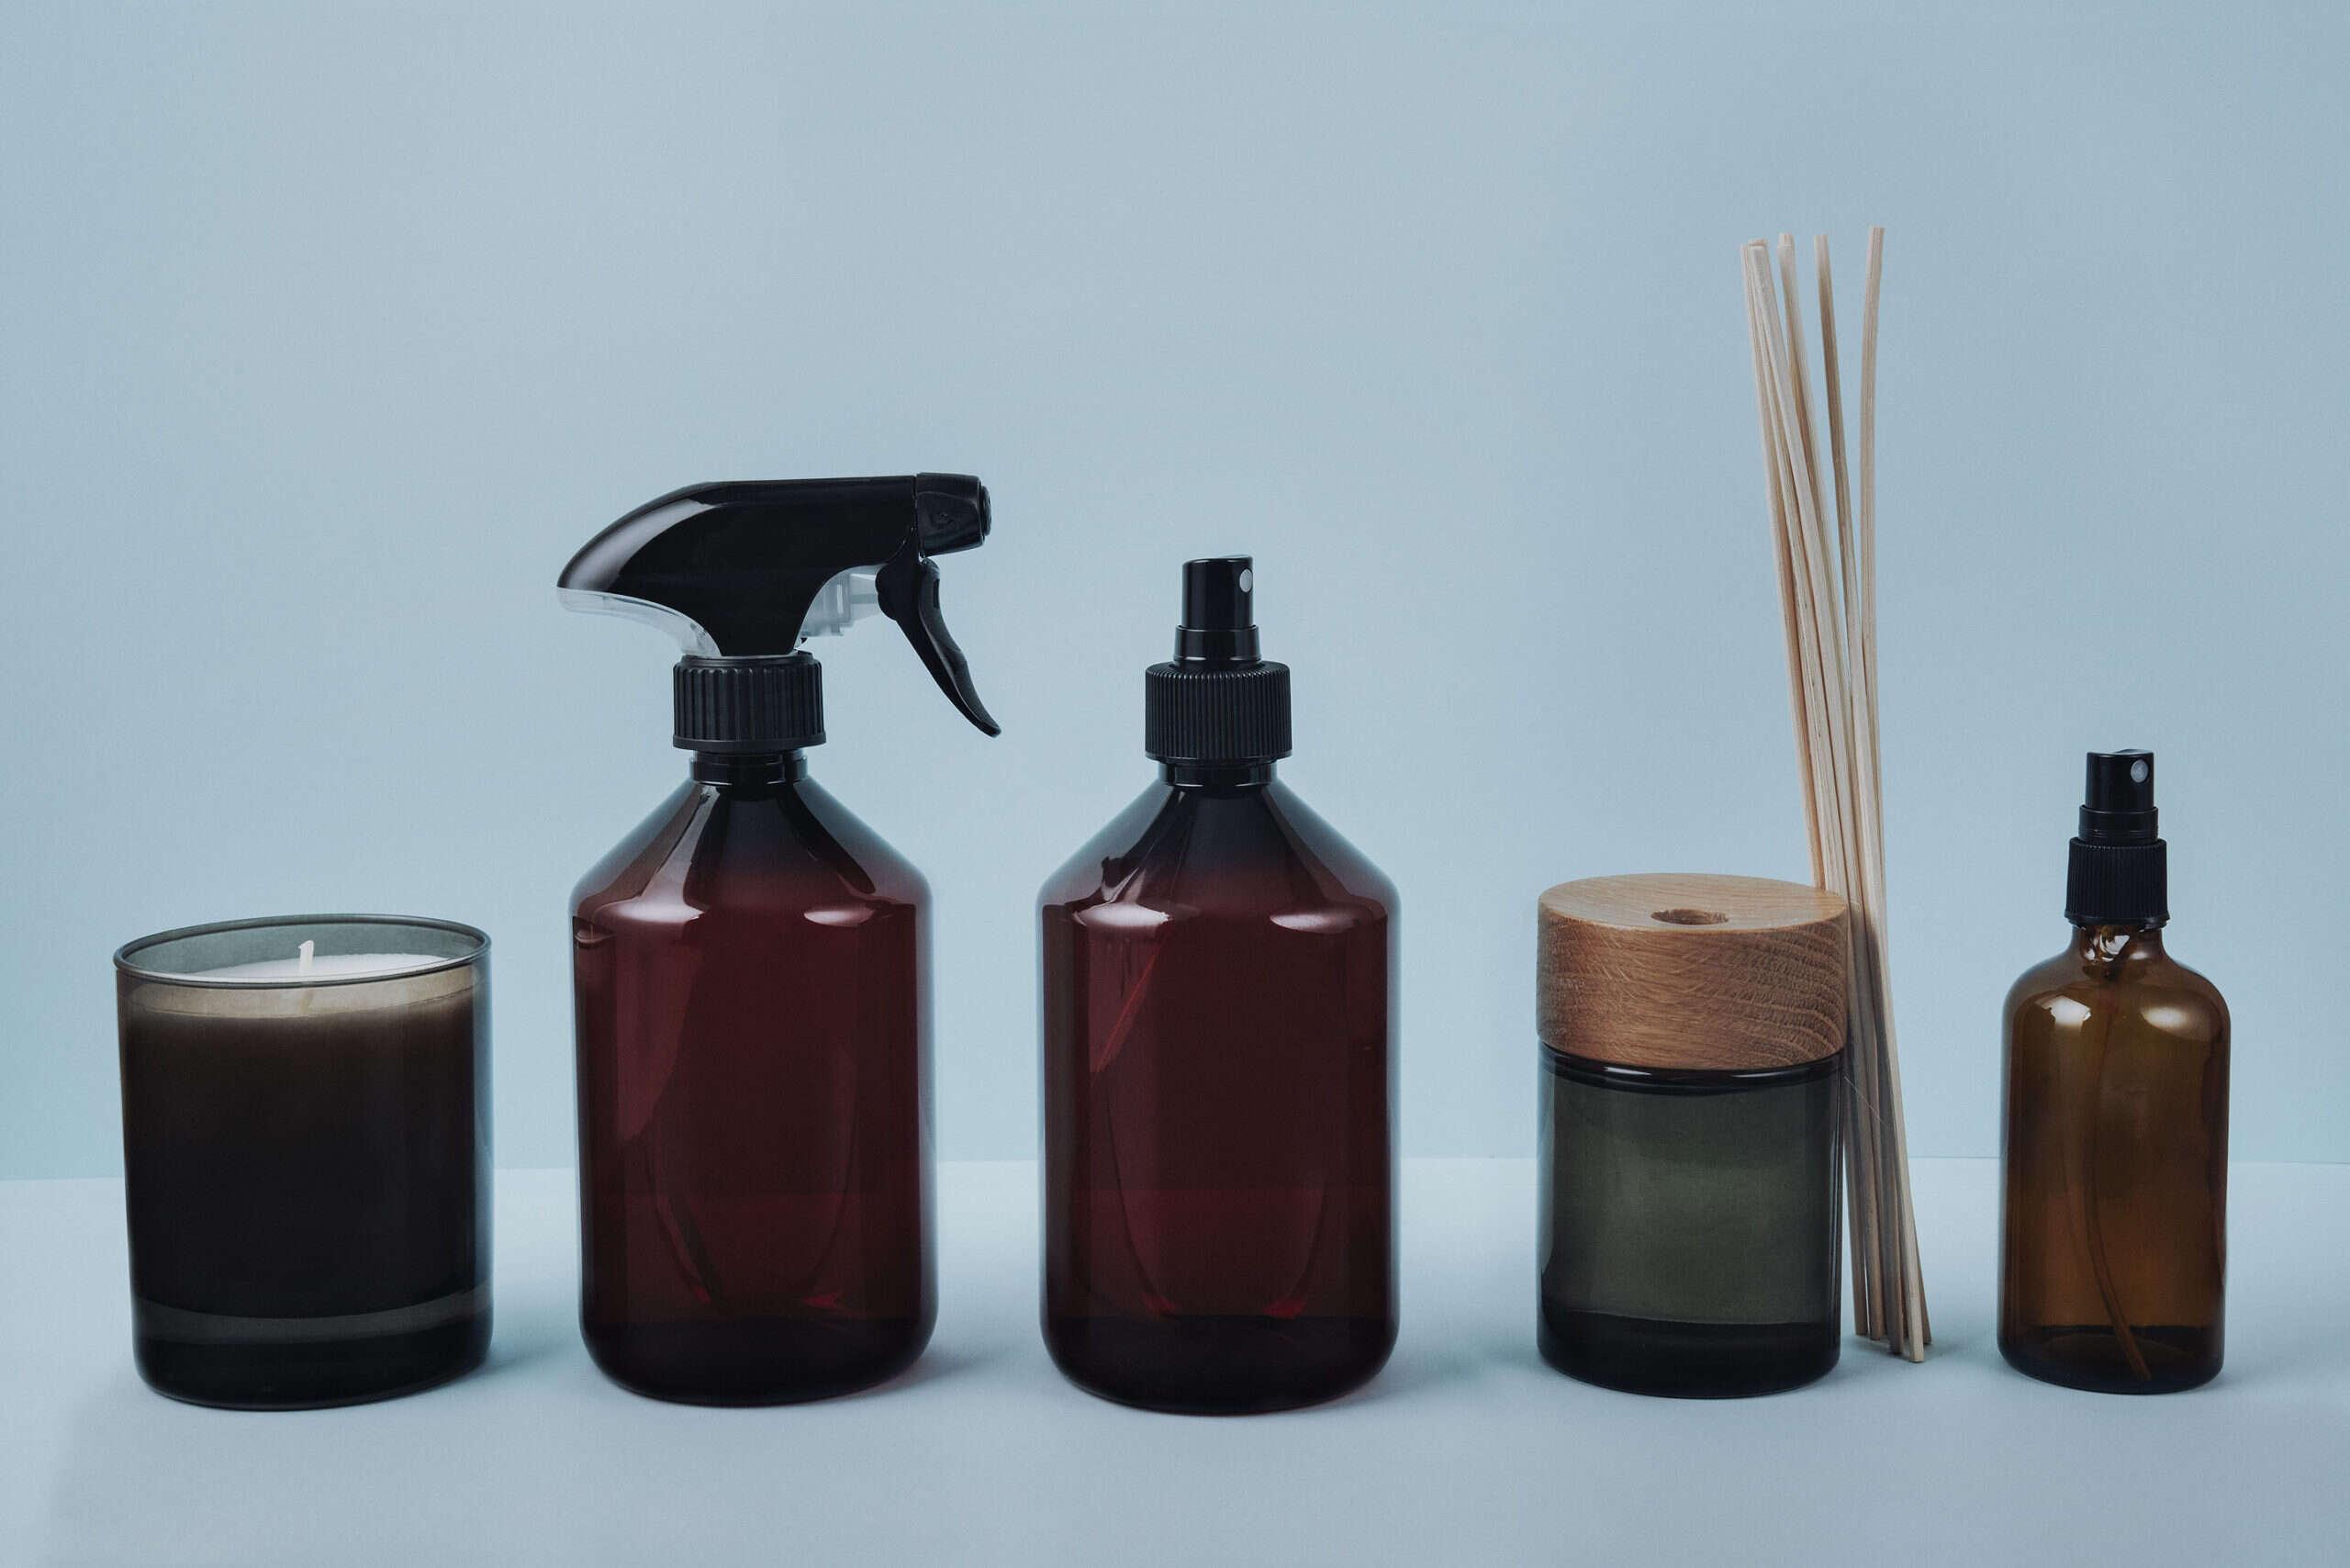 Las empresas, en búsqueda de nuevas líneas de negocio: perfumes